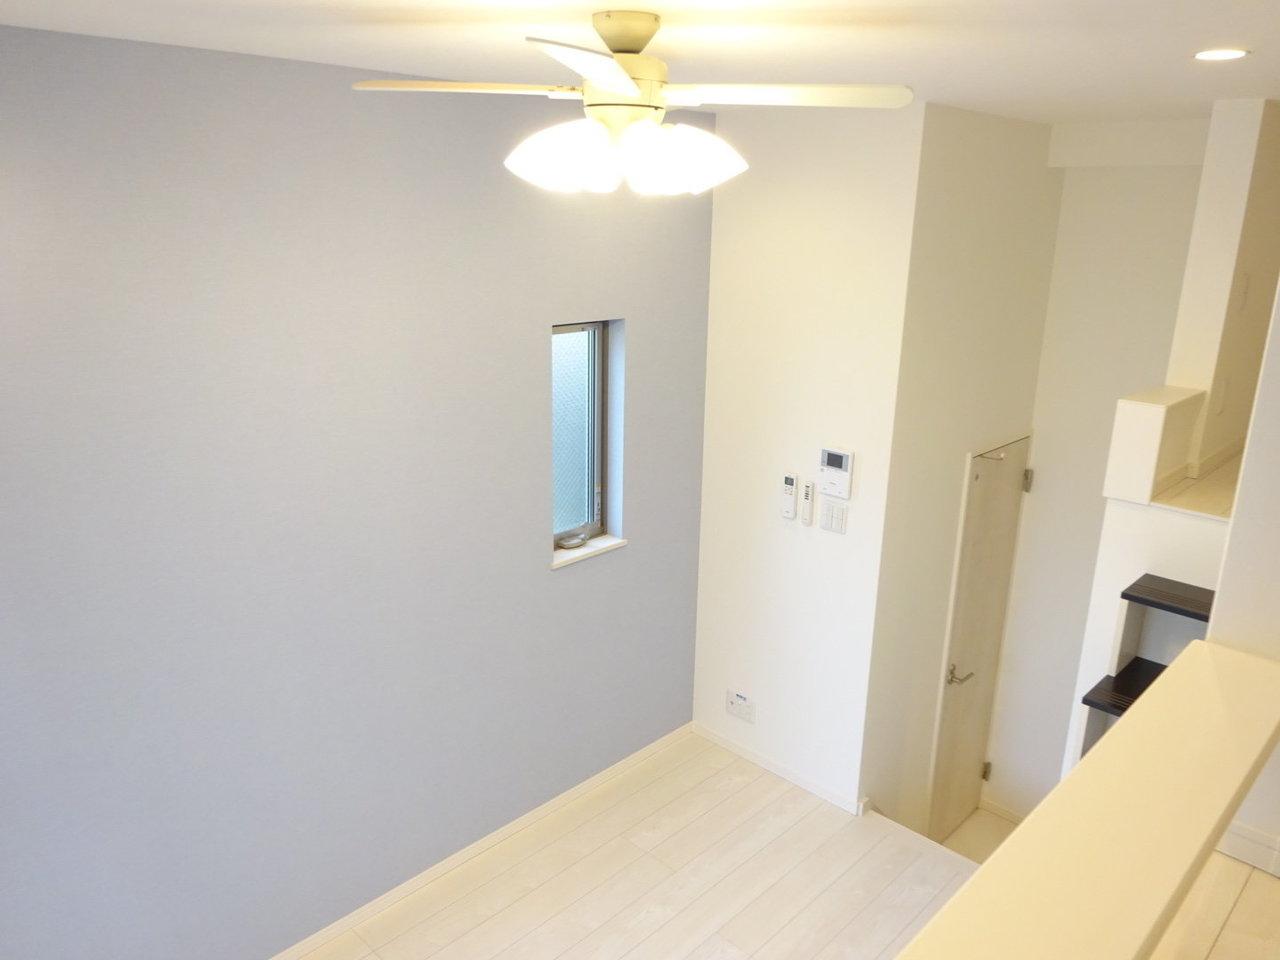 ロフトへの段数が少ない分、天井の高さは普通のロフト物件よりも低いのでは? と思いきや、キッチンからリビング、リビングからロフト、とそれぞれ段差があるので、結果的に広々とした開放感を味わえそうです。